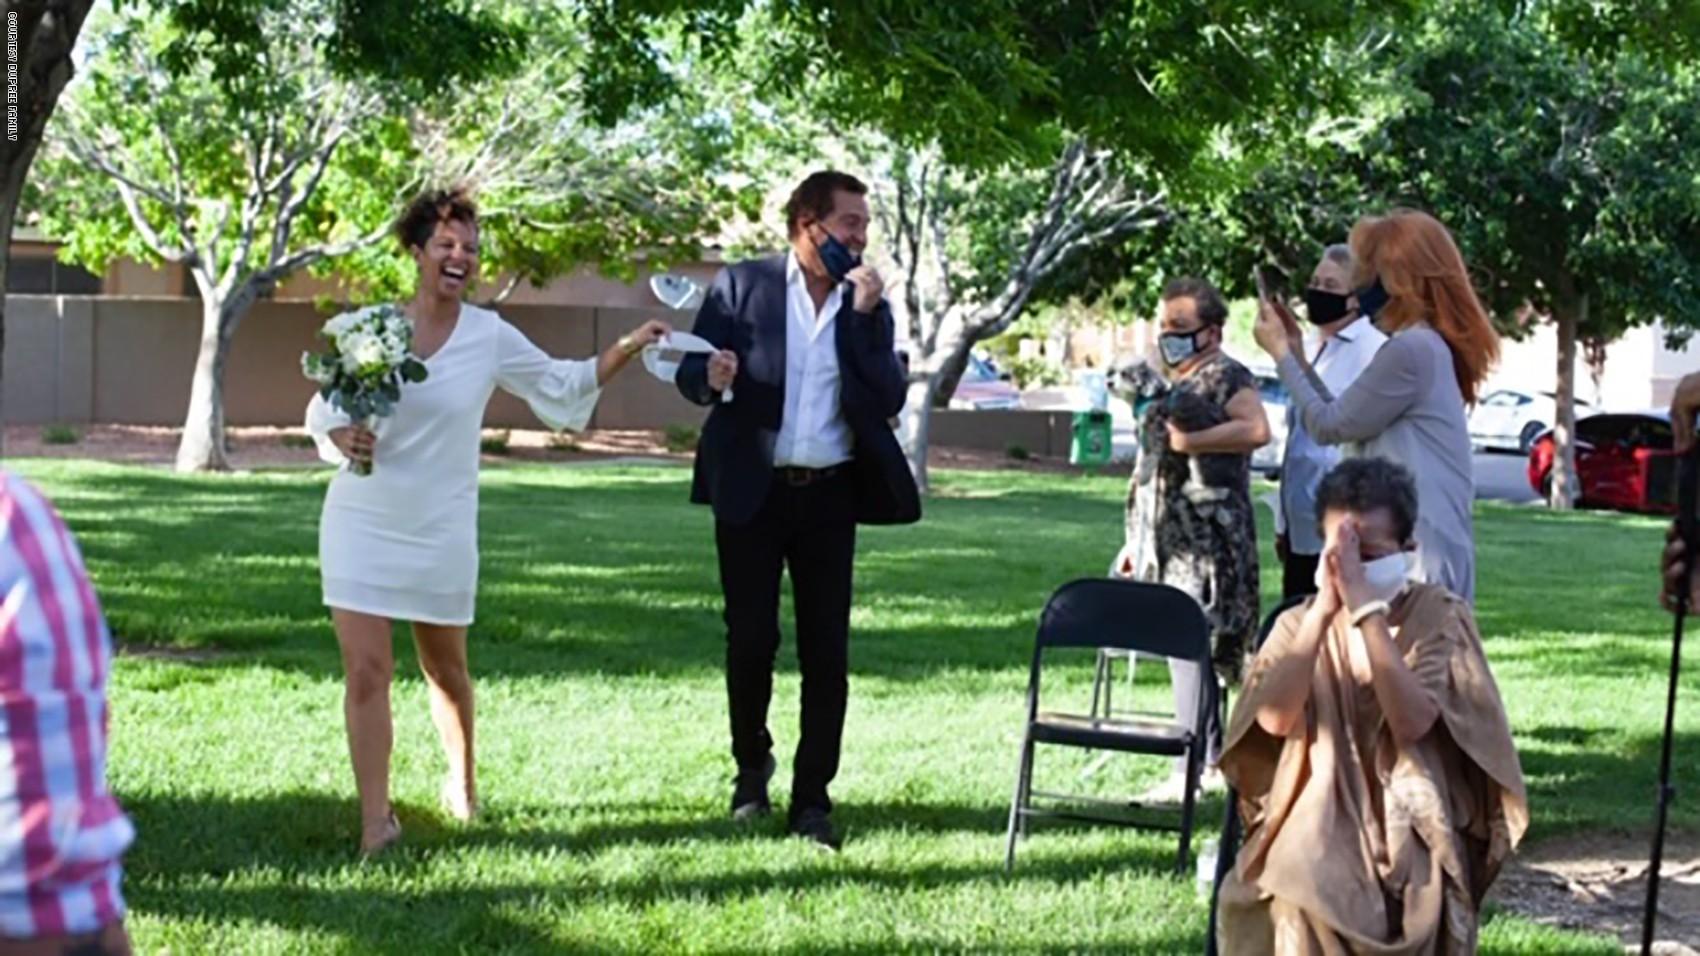 حفلات زفاف خلال التباعد الإجتماعي